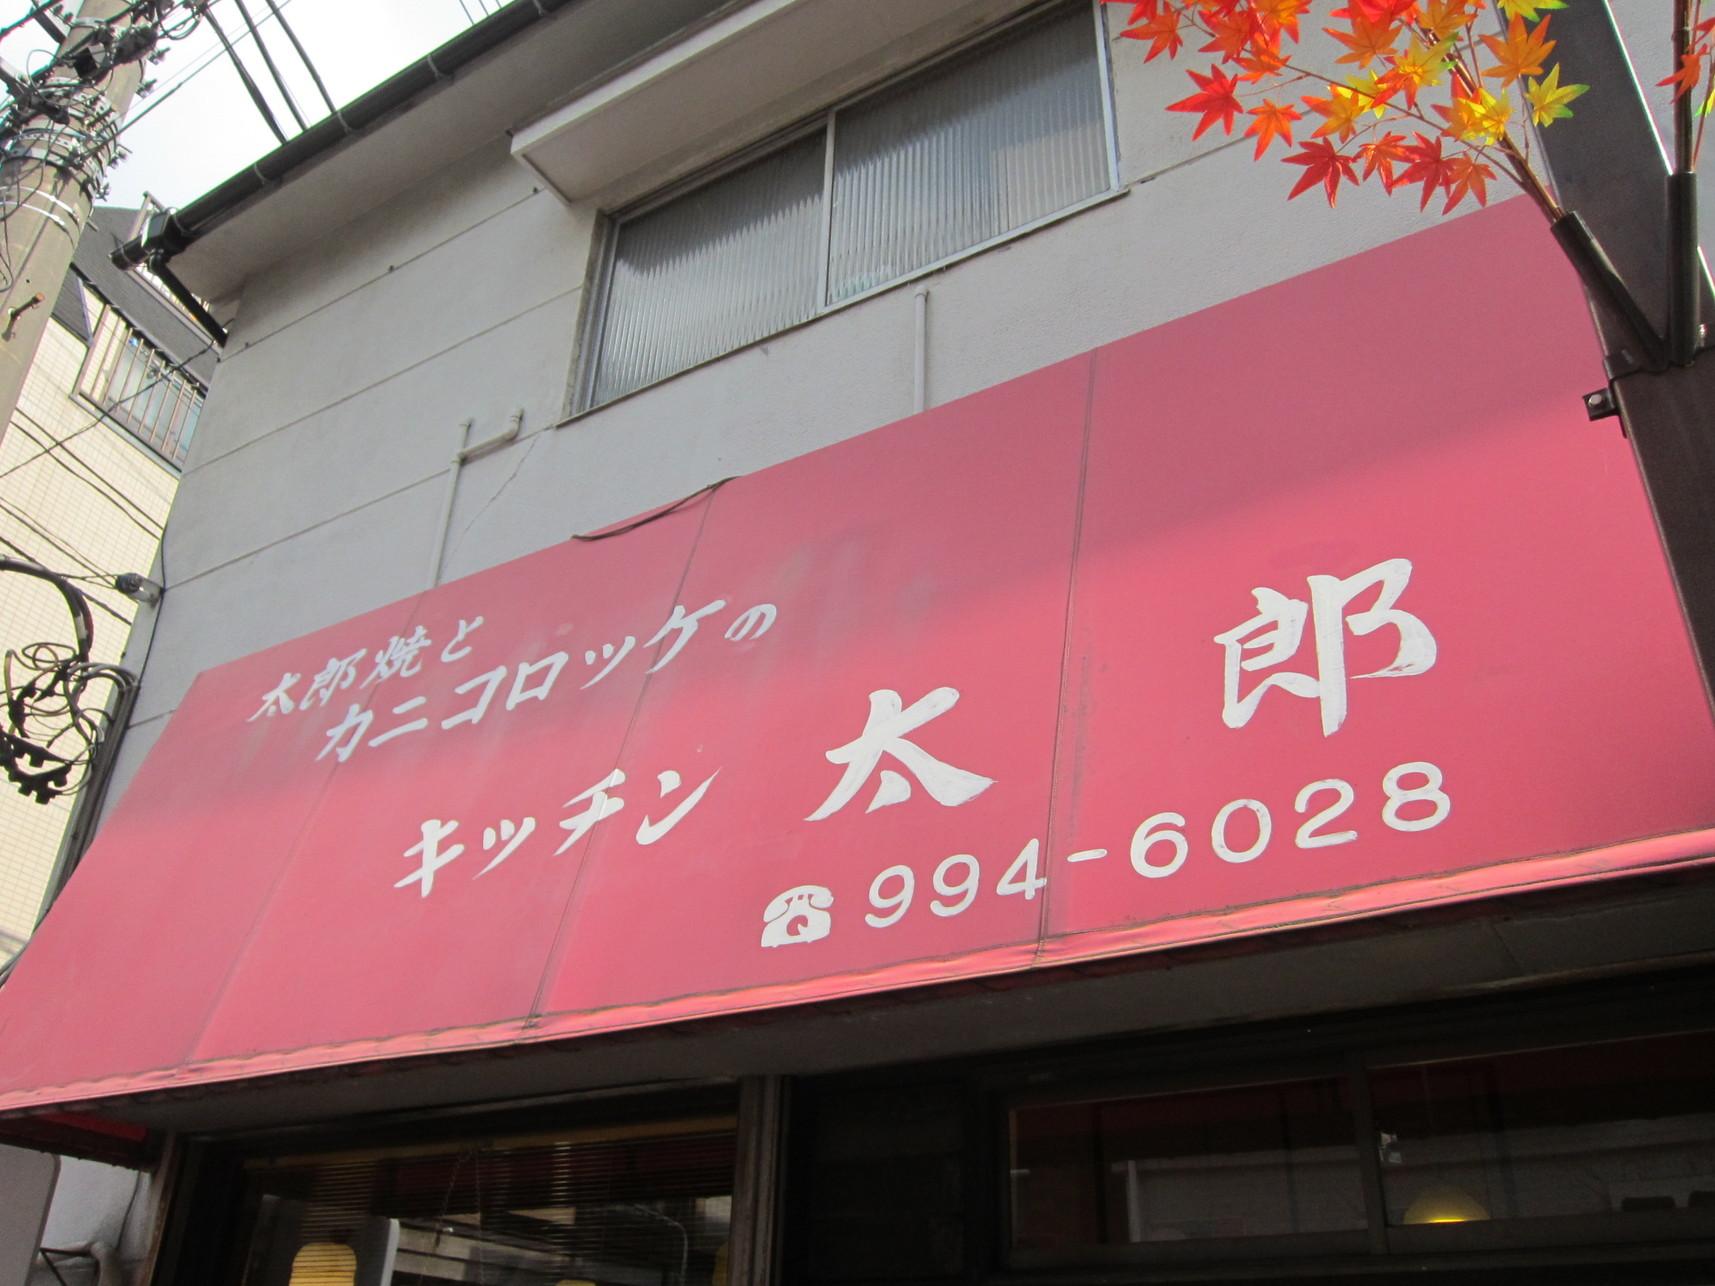 キッチン太郎